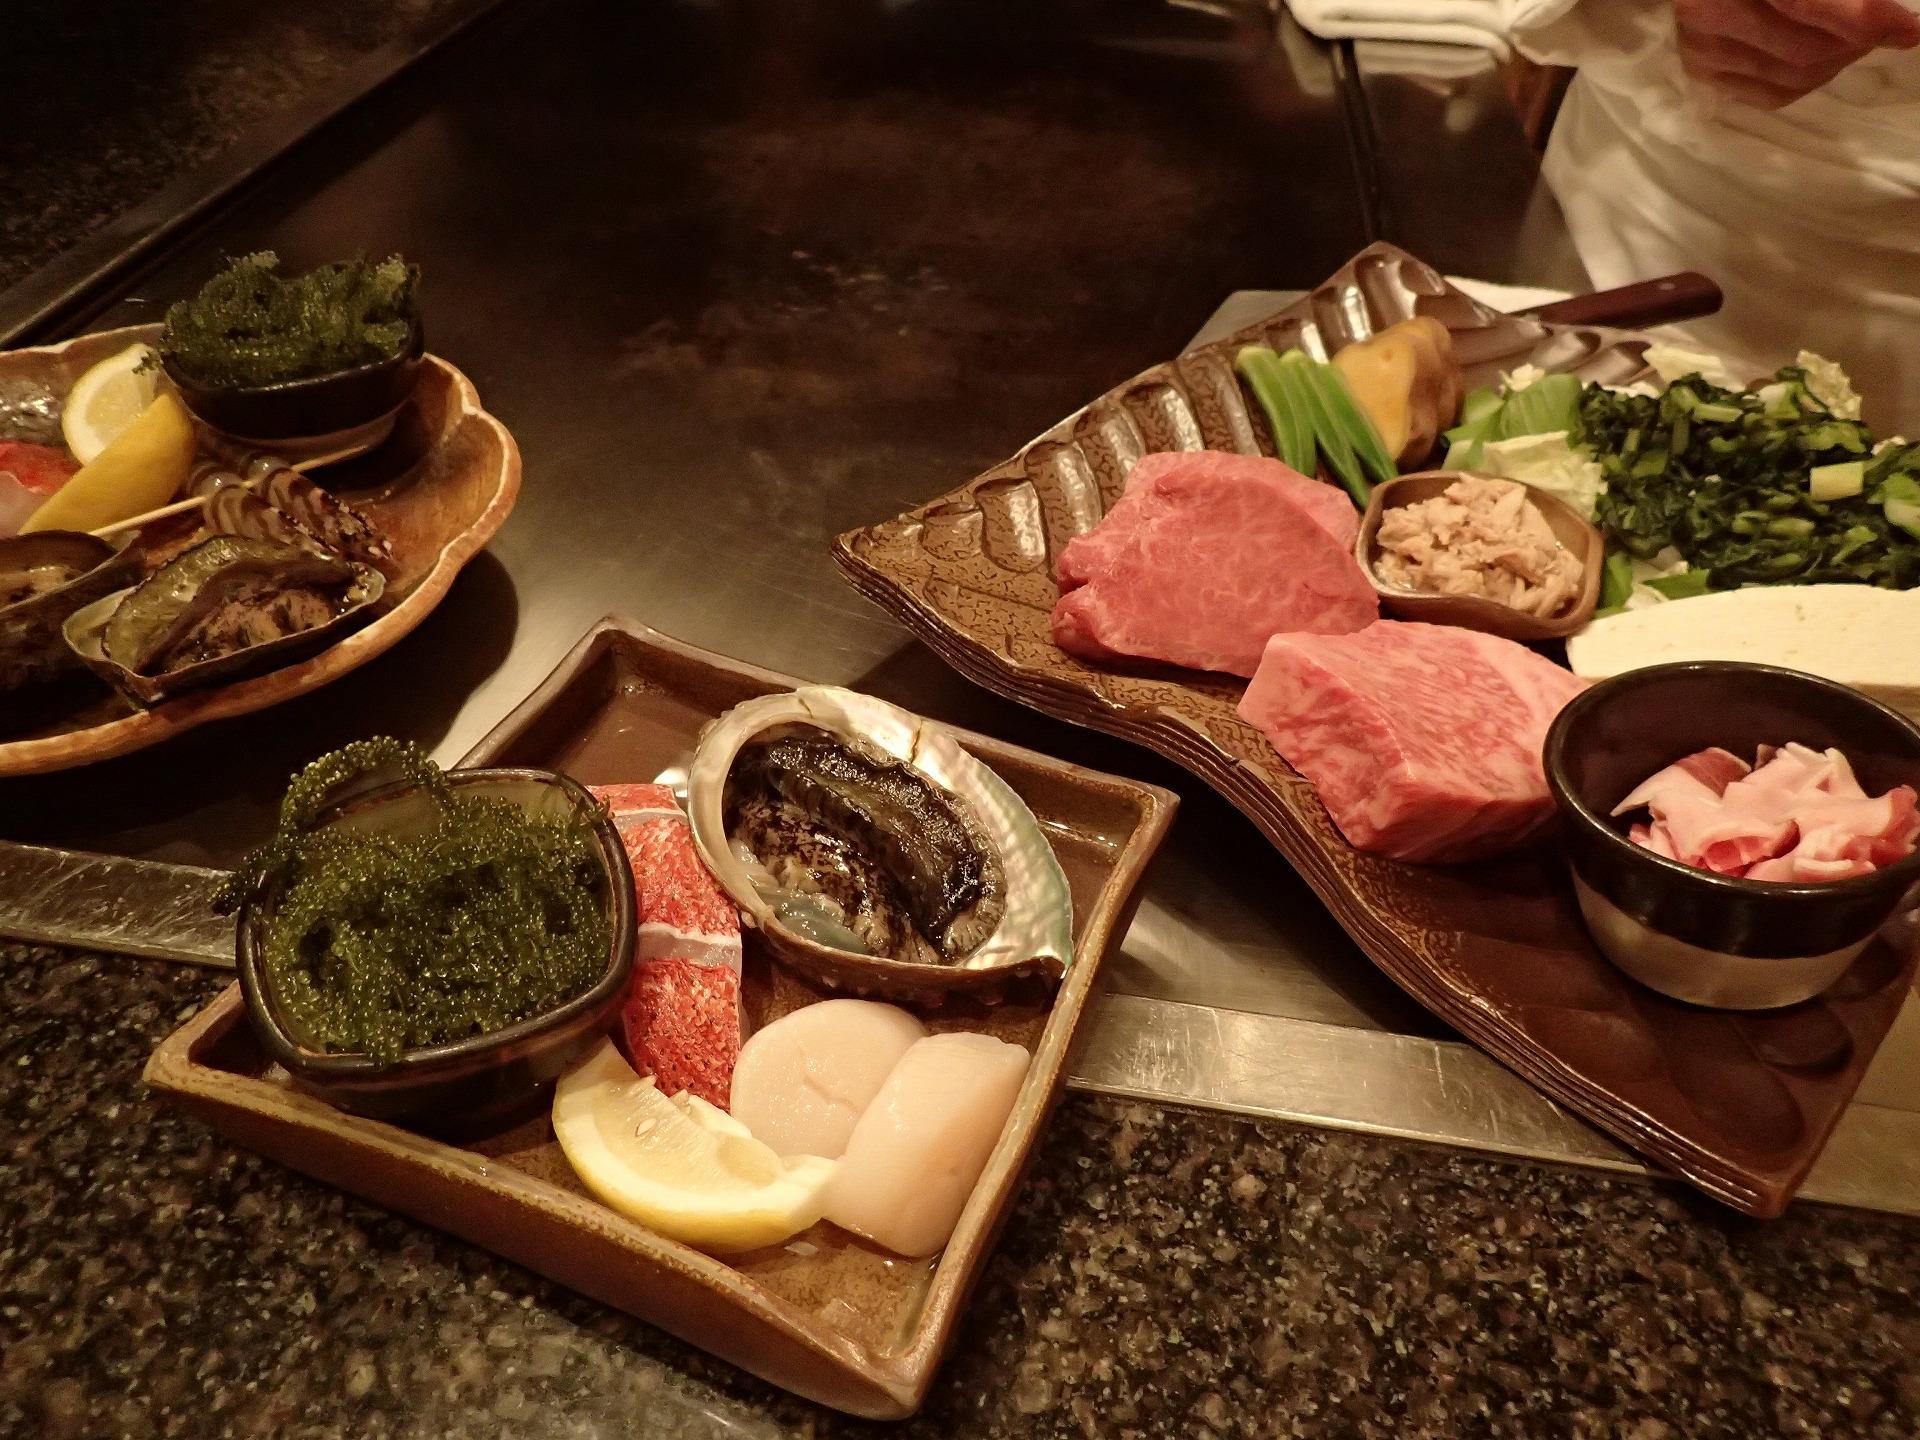 鉄板焼きの高級で新鮮な魚介や肉などの素材